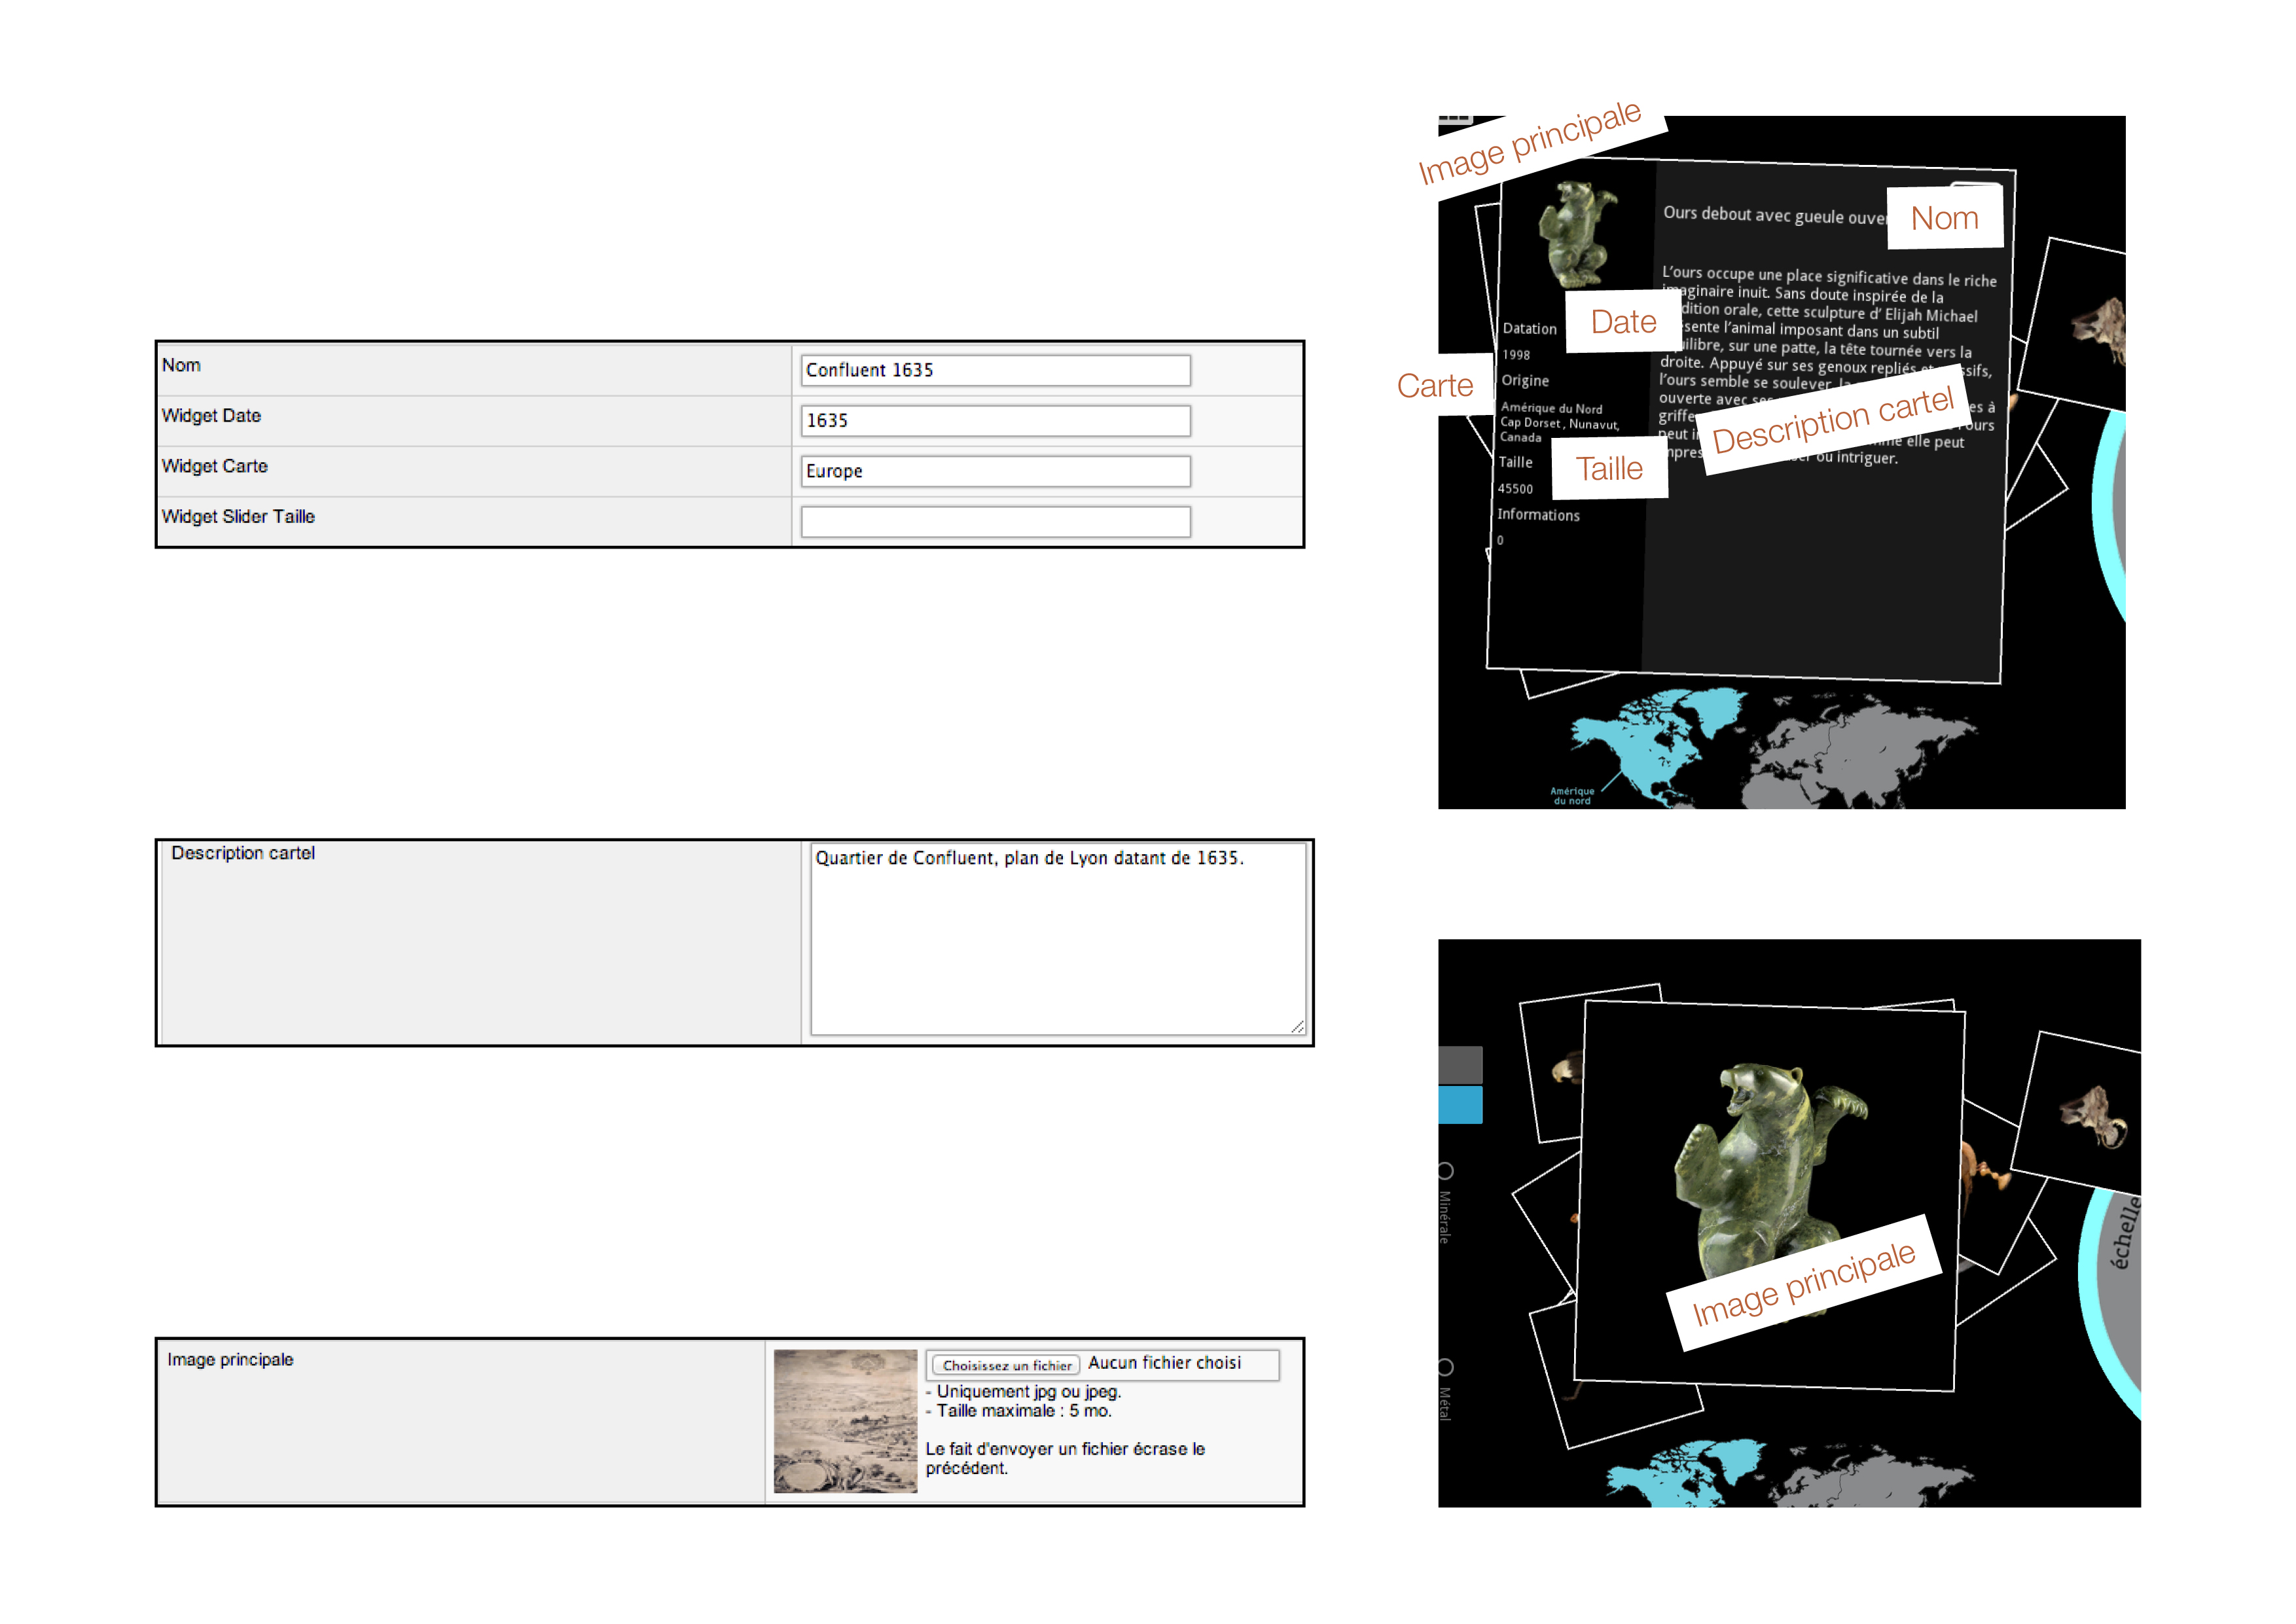 Image qui illustre les correspondances entre les champs du back-office et la fiche publée